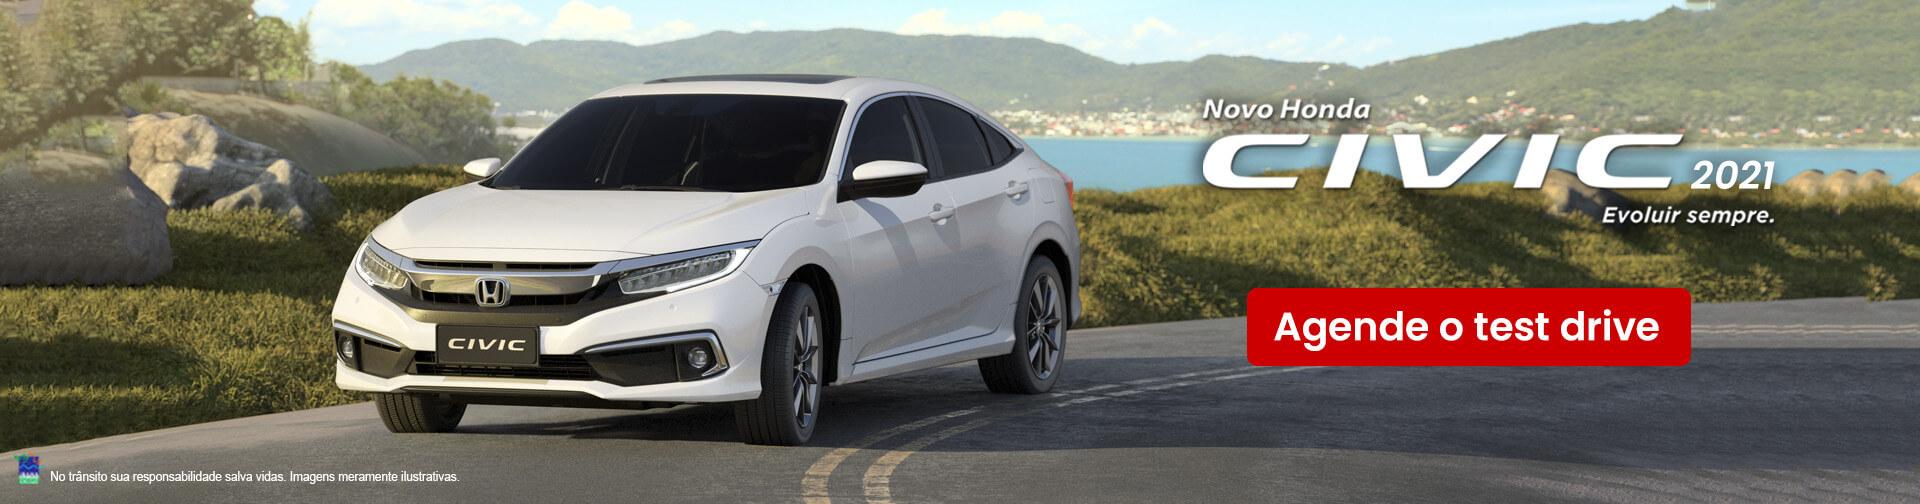 Novo Honda Civic 2020